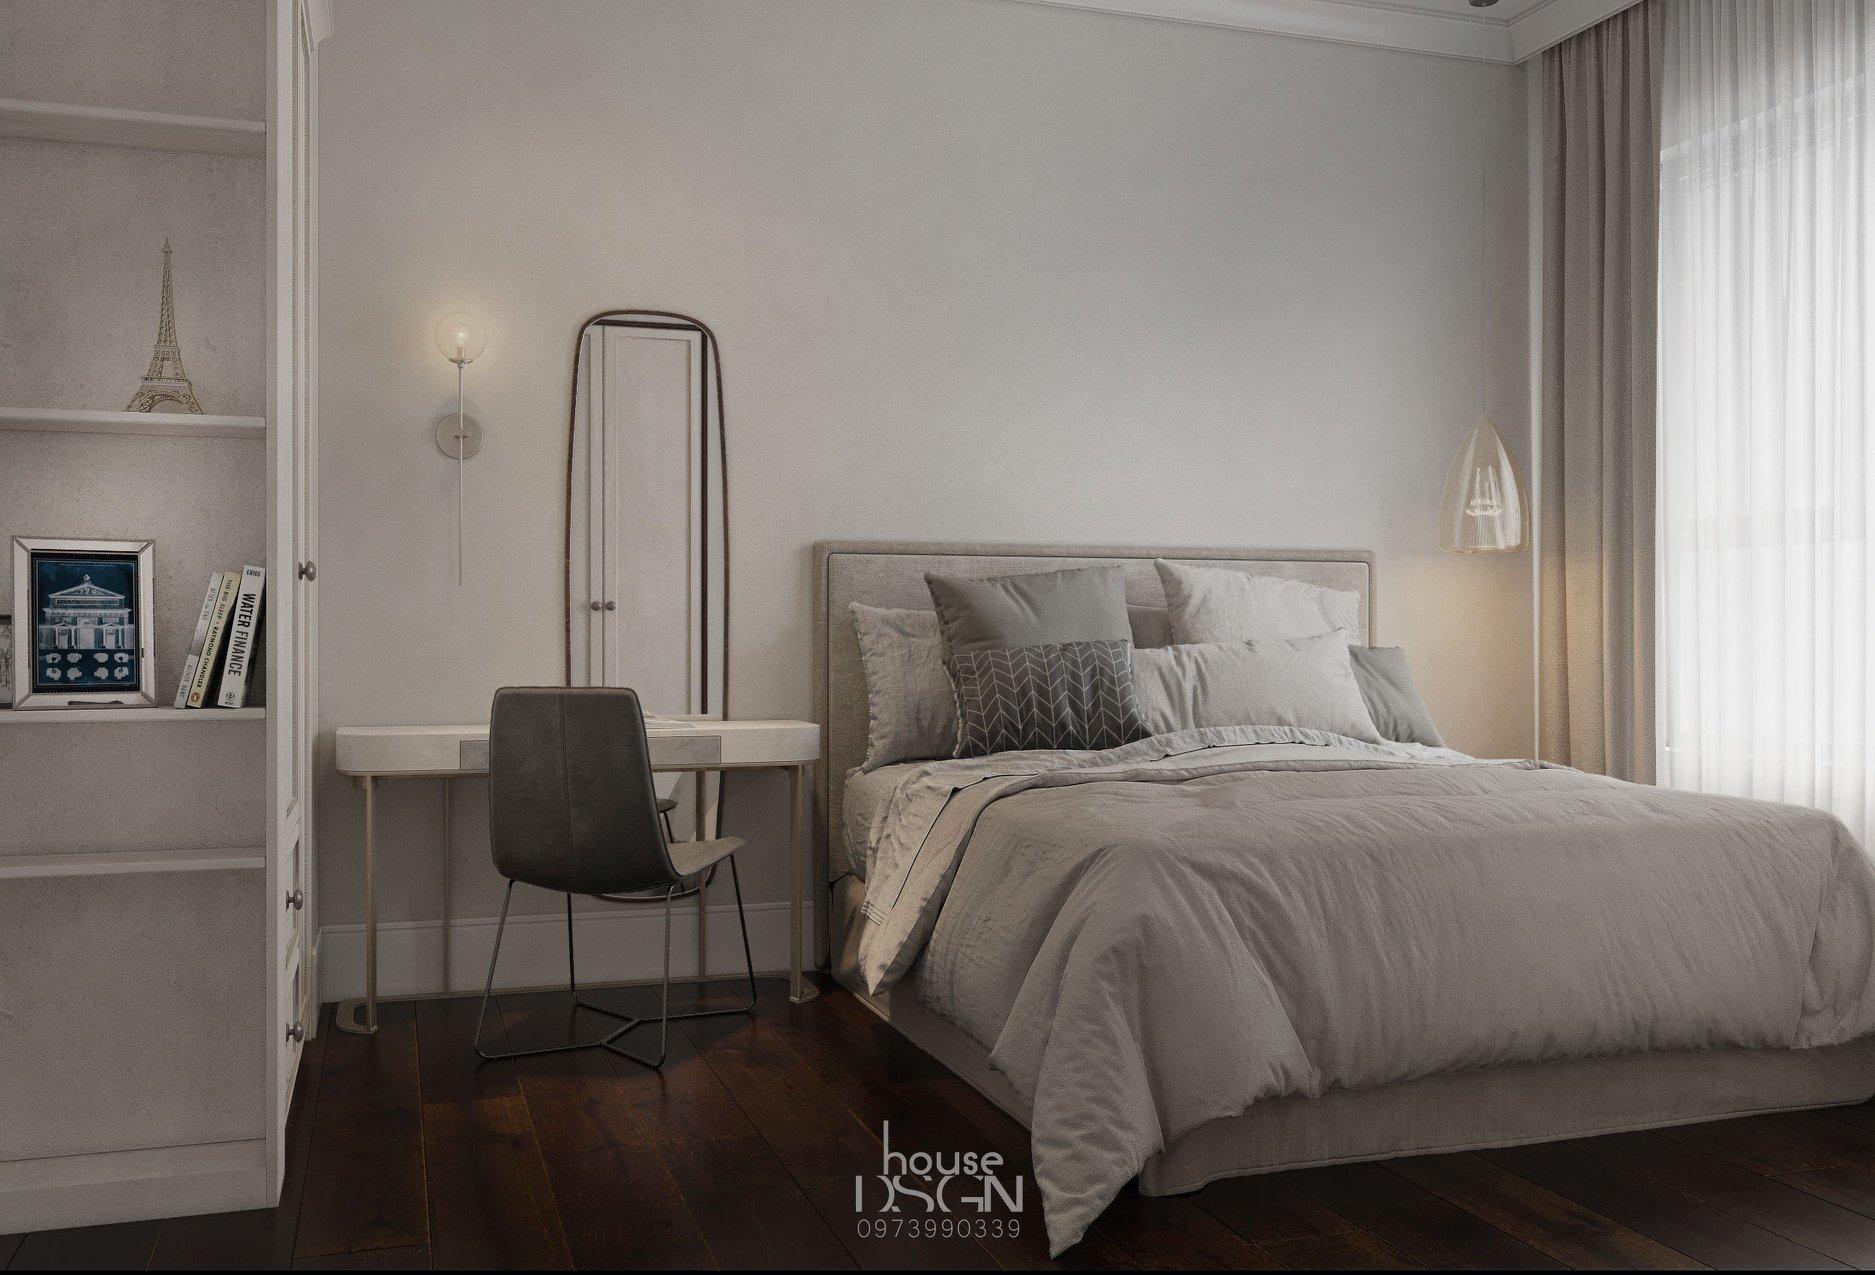 phòng ngủ khách sạn - Housedesign